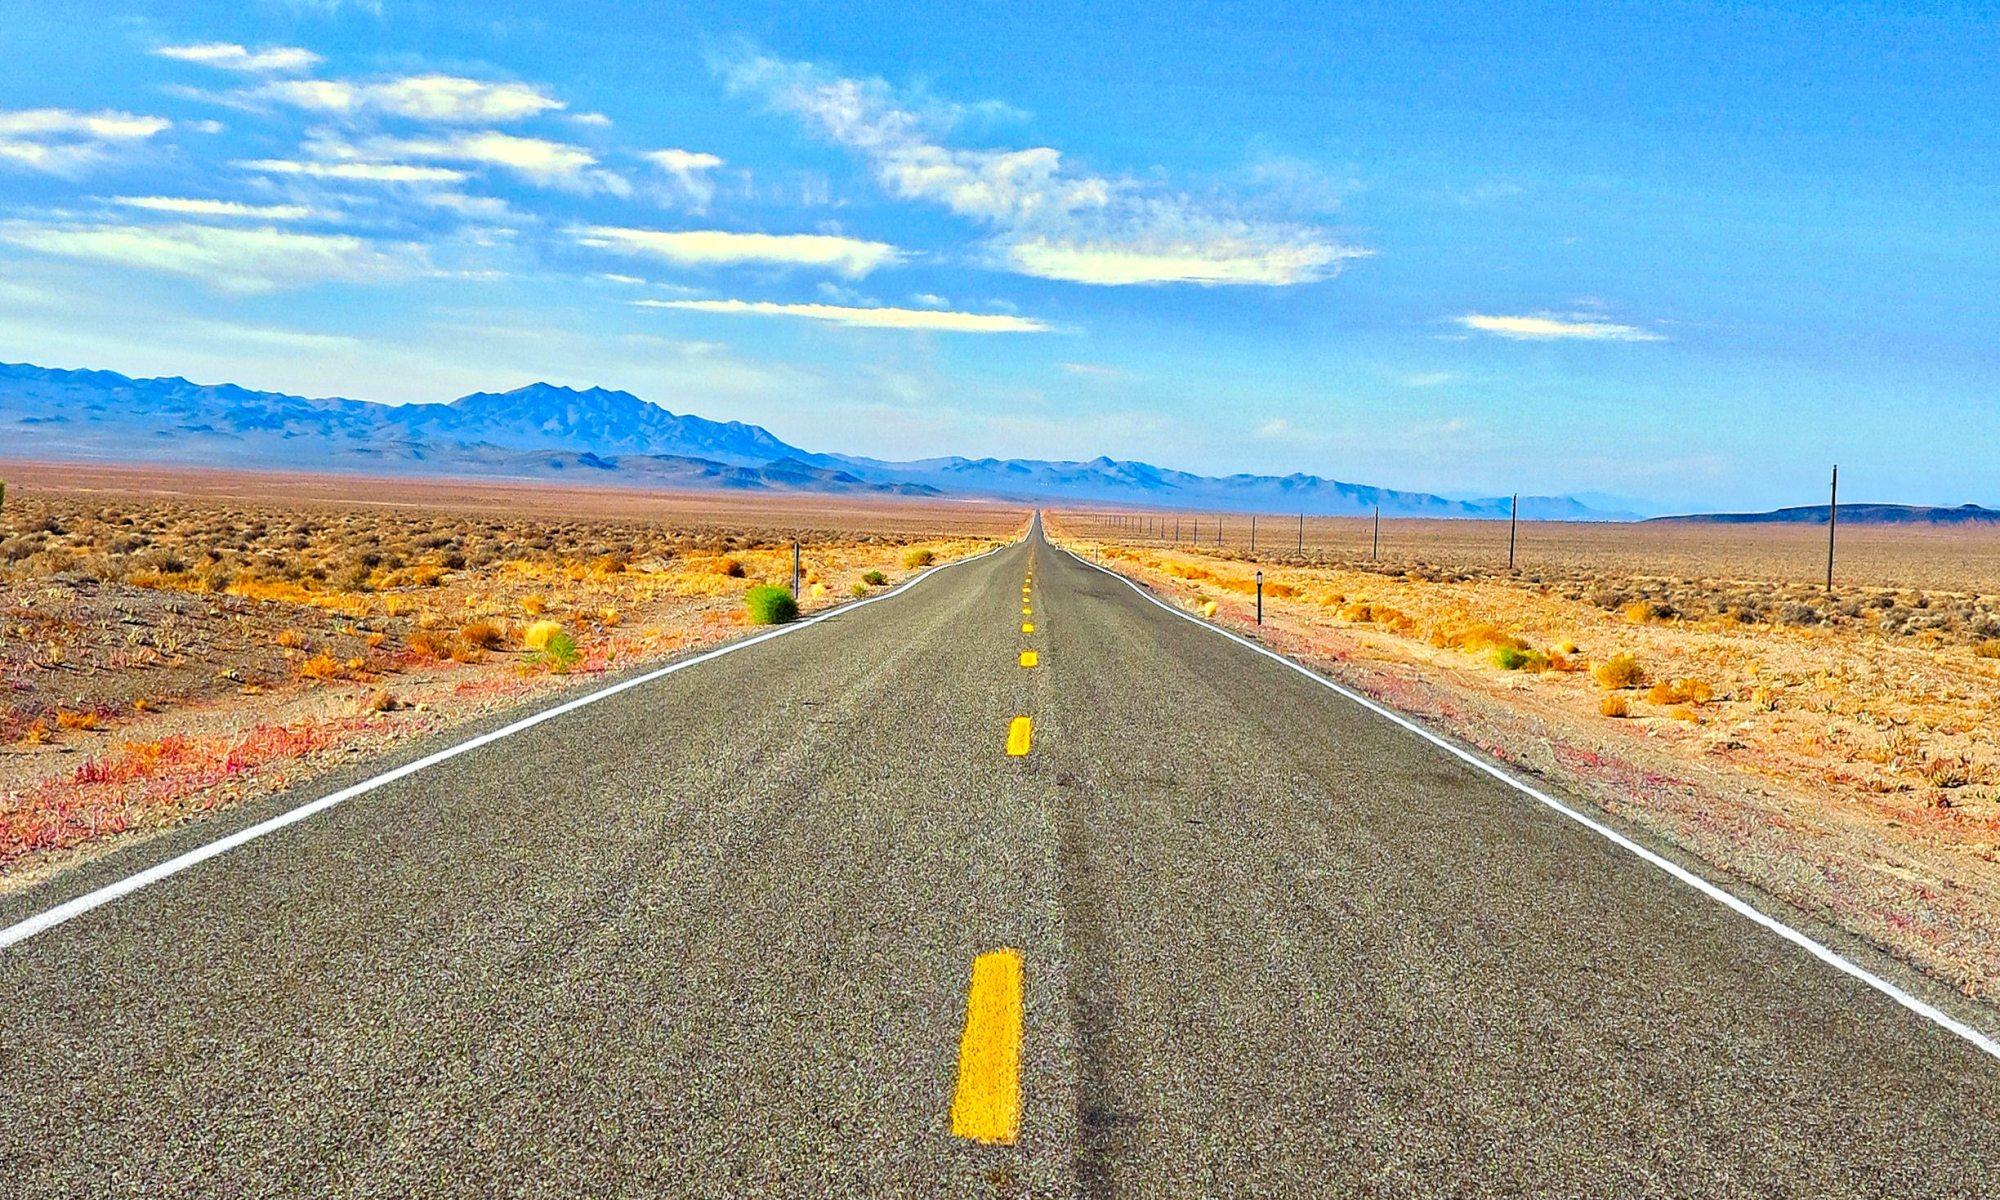 An open desert road